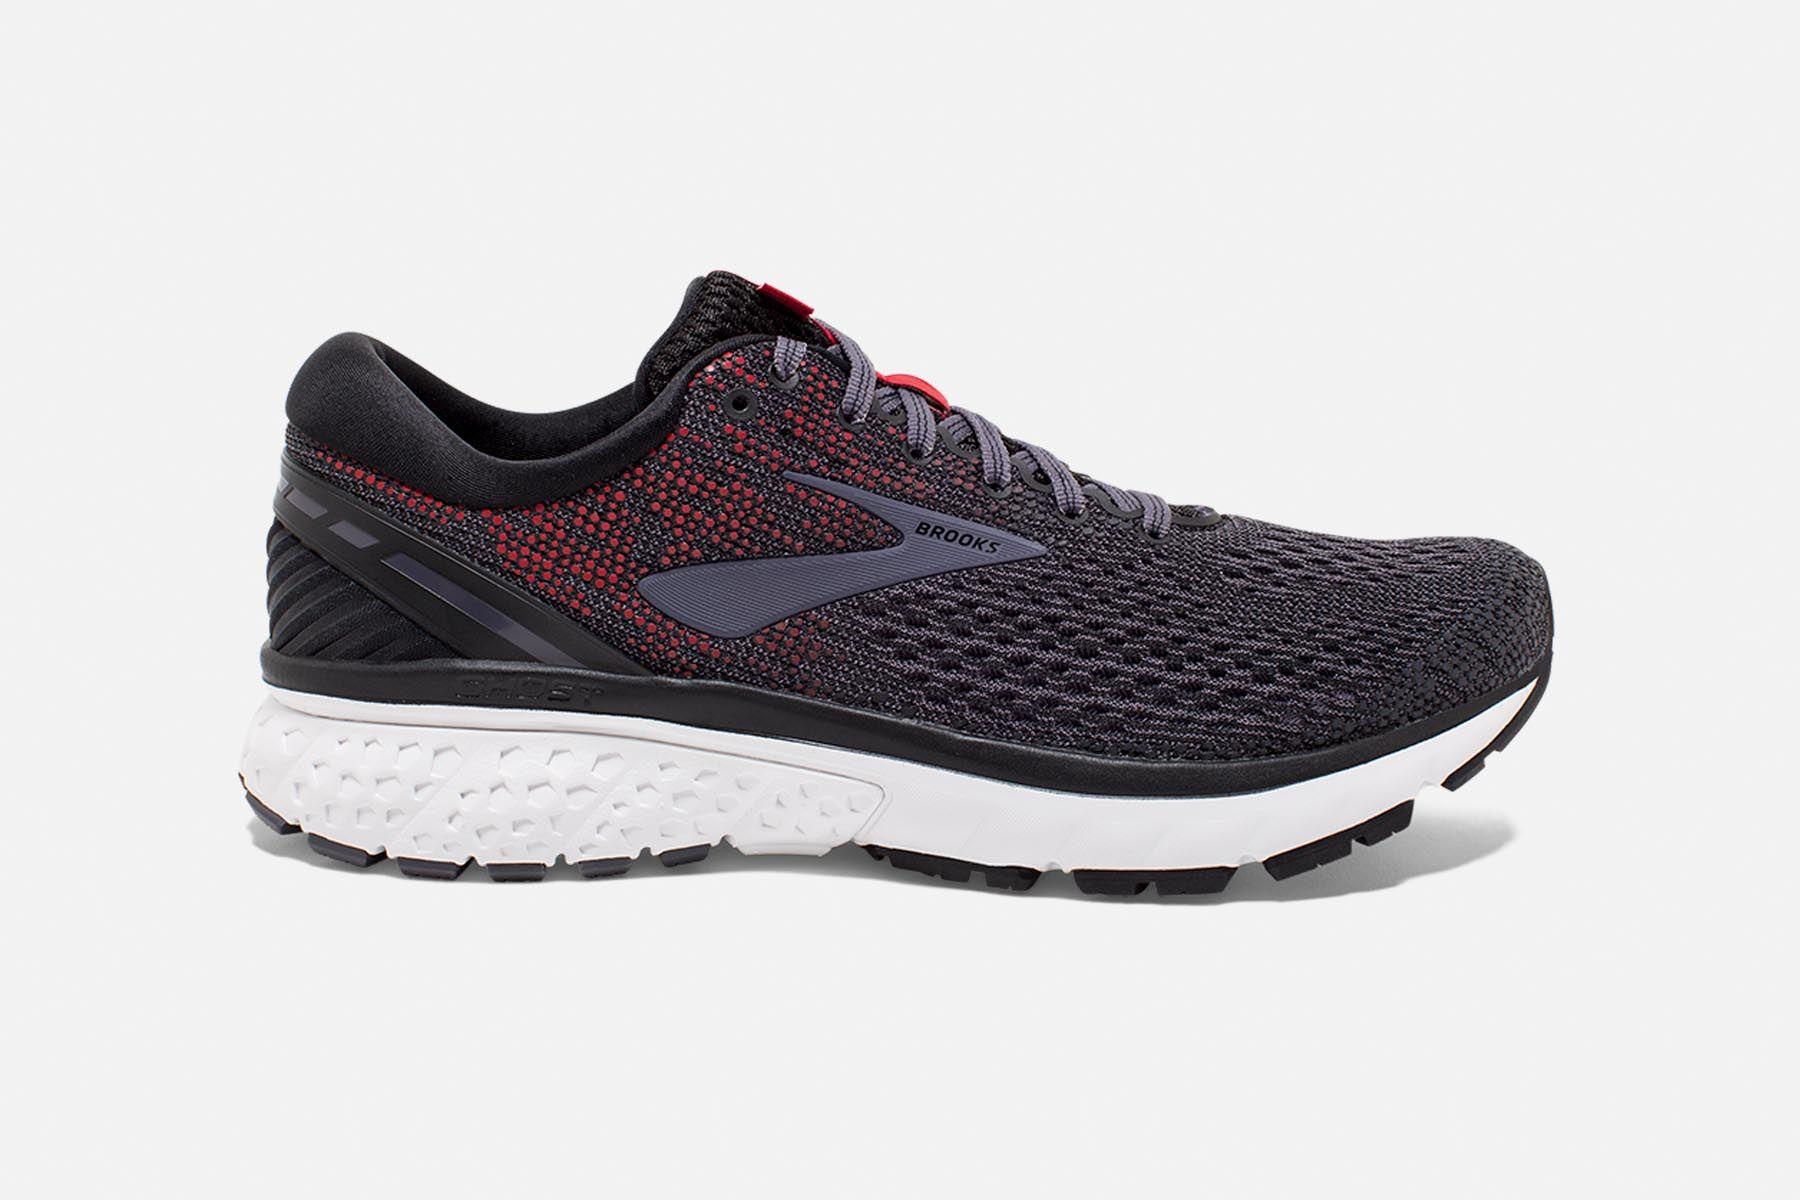 puma shoes zippay - 56% OFF